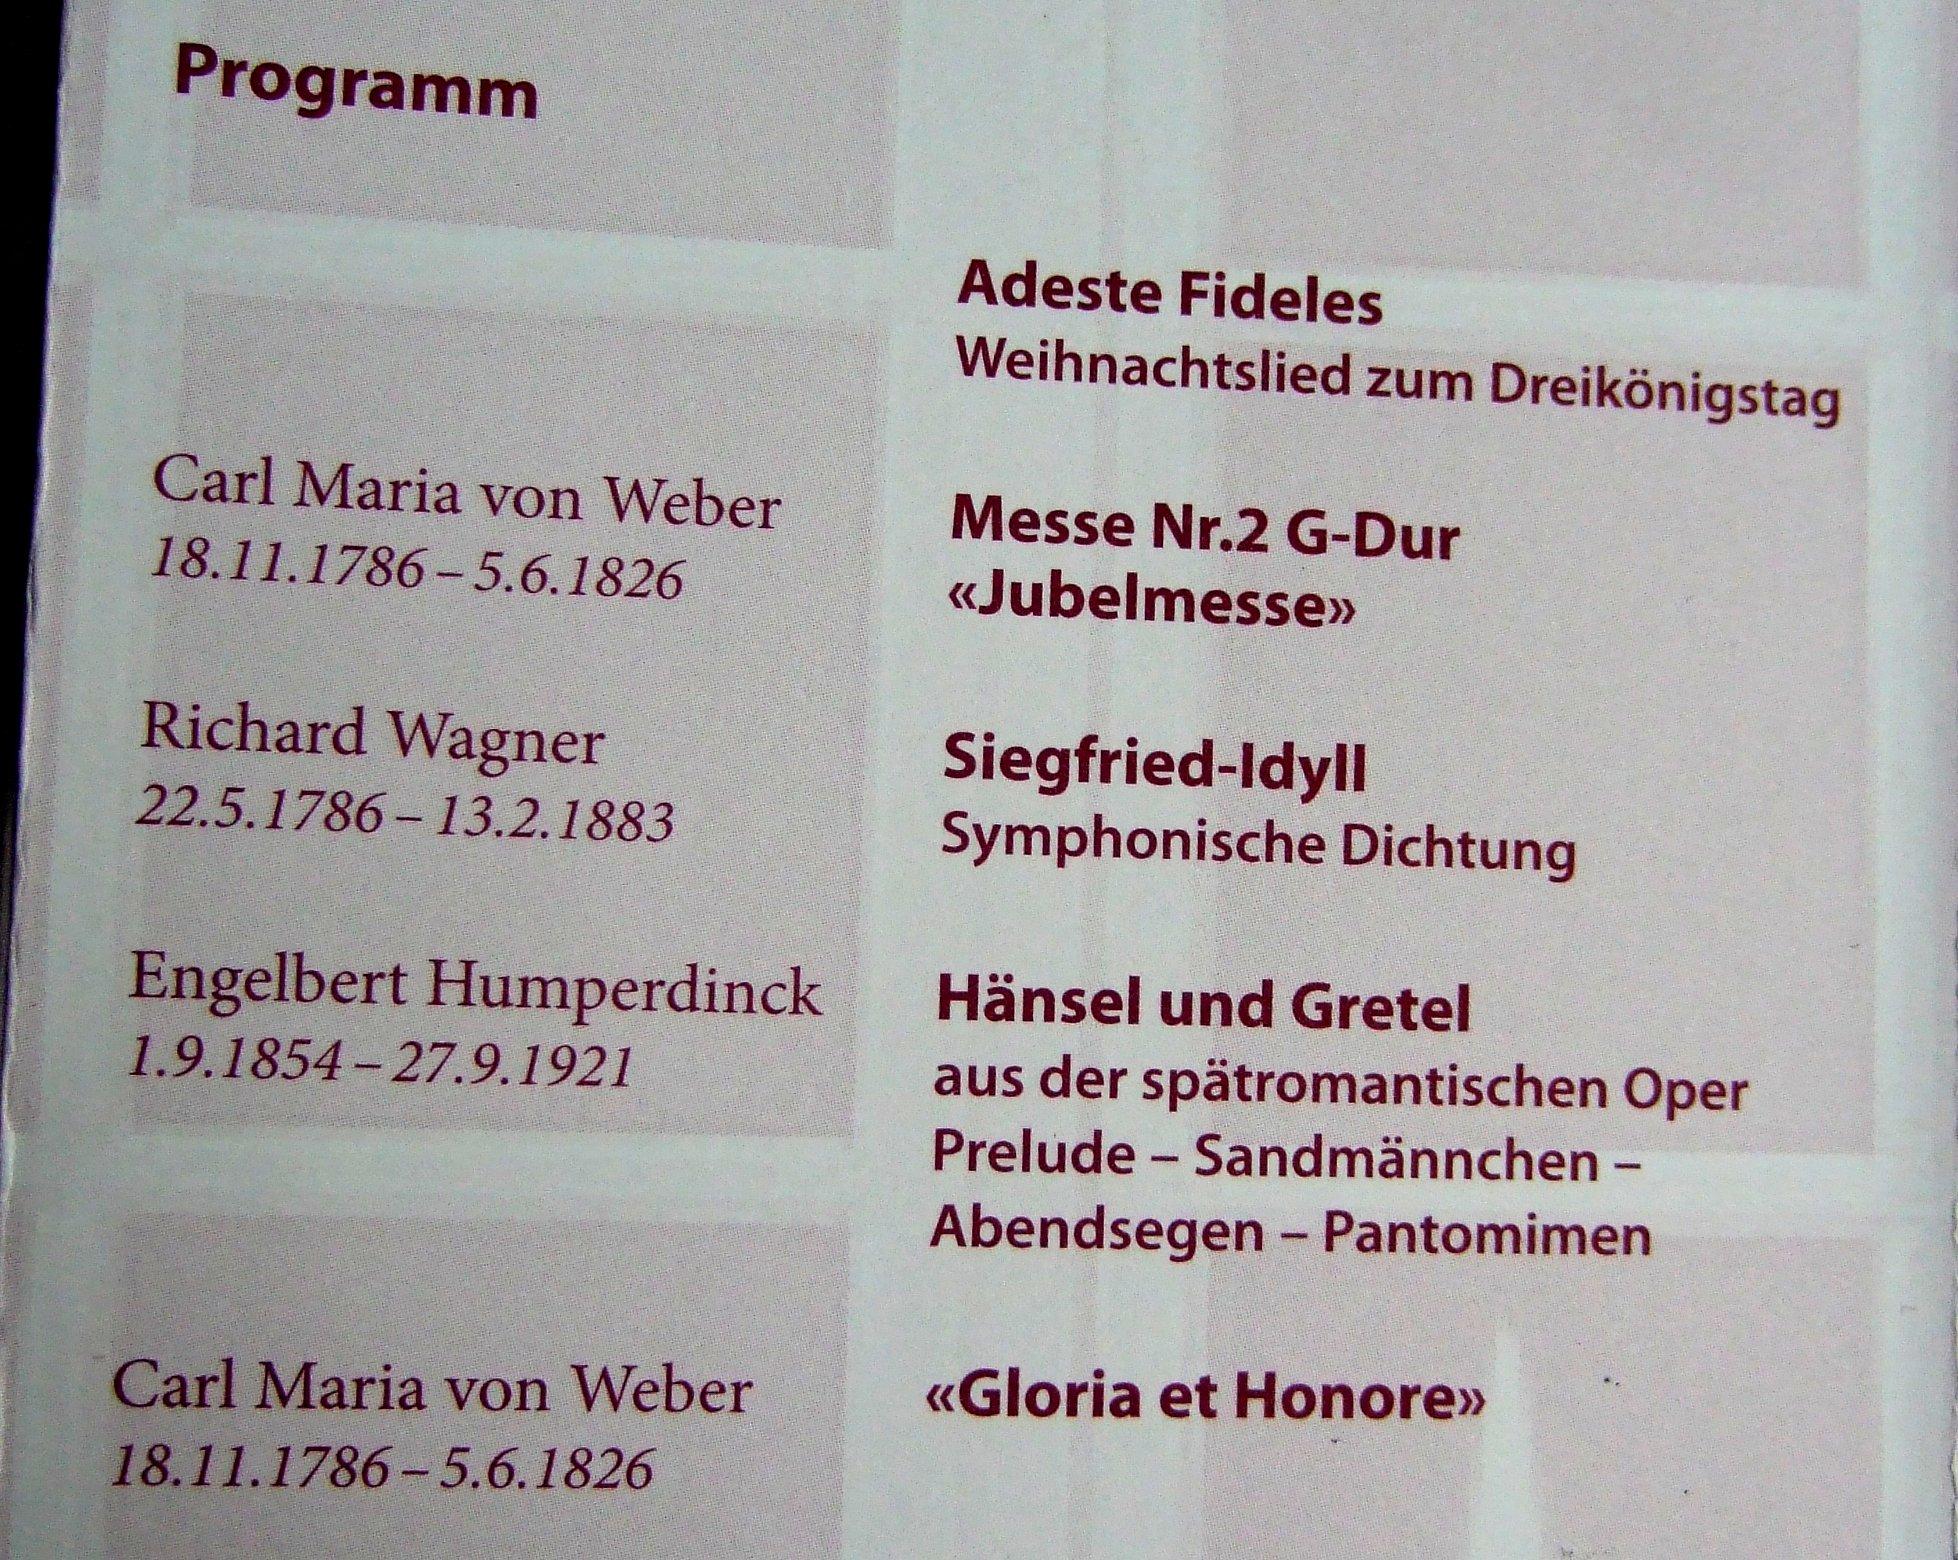 Das Konzertprogramm